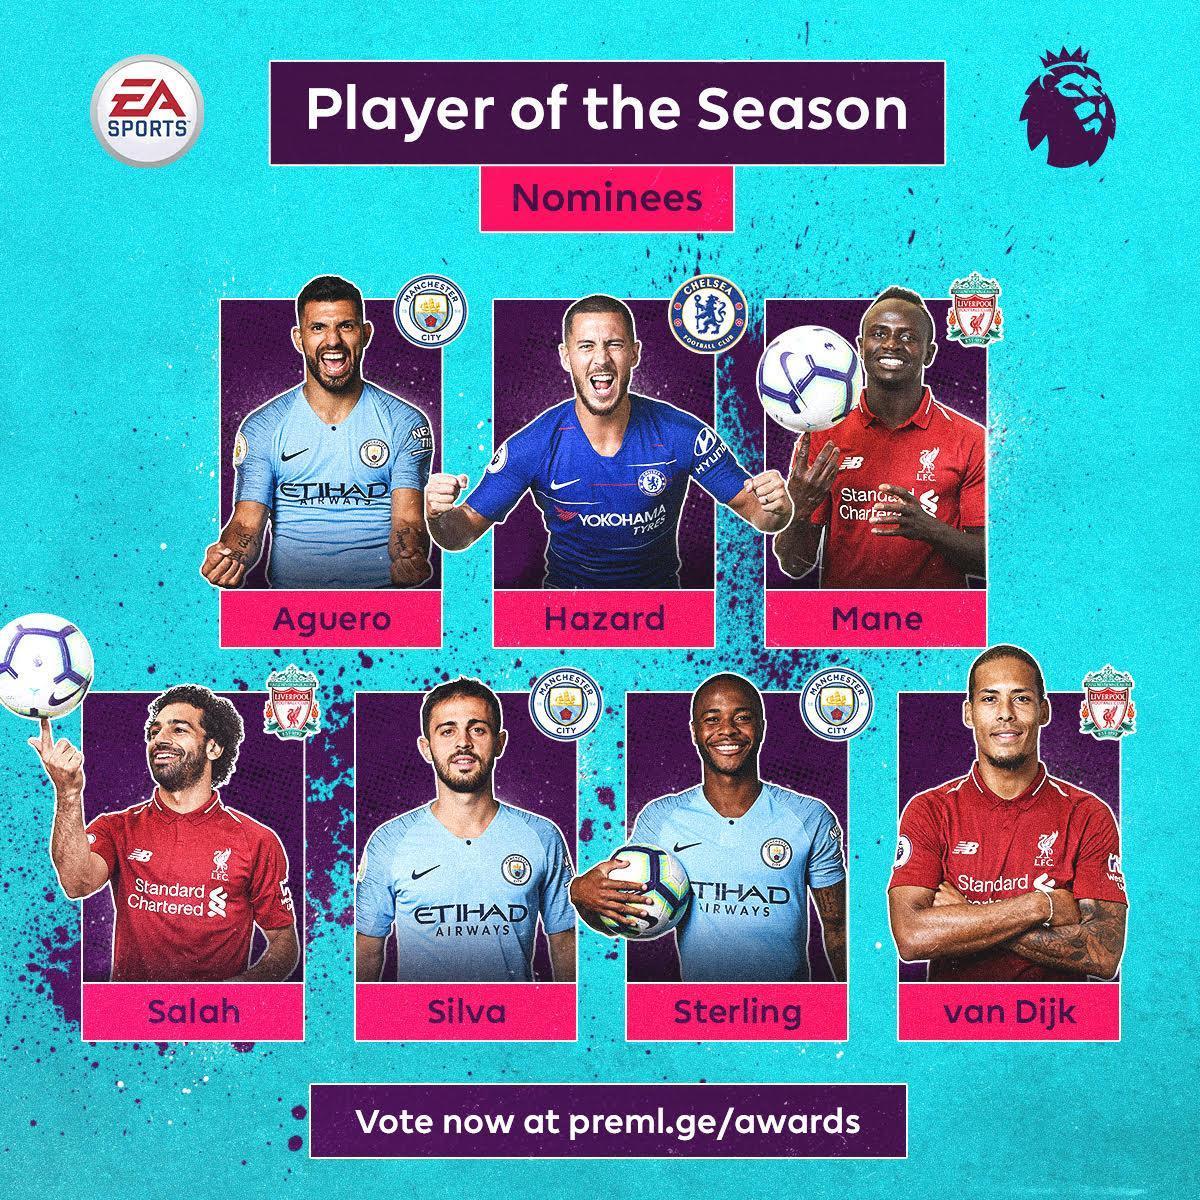 کاندیدهای بهترین بازیکن فصل انگلیس معرفی شدند (عکس)